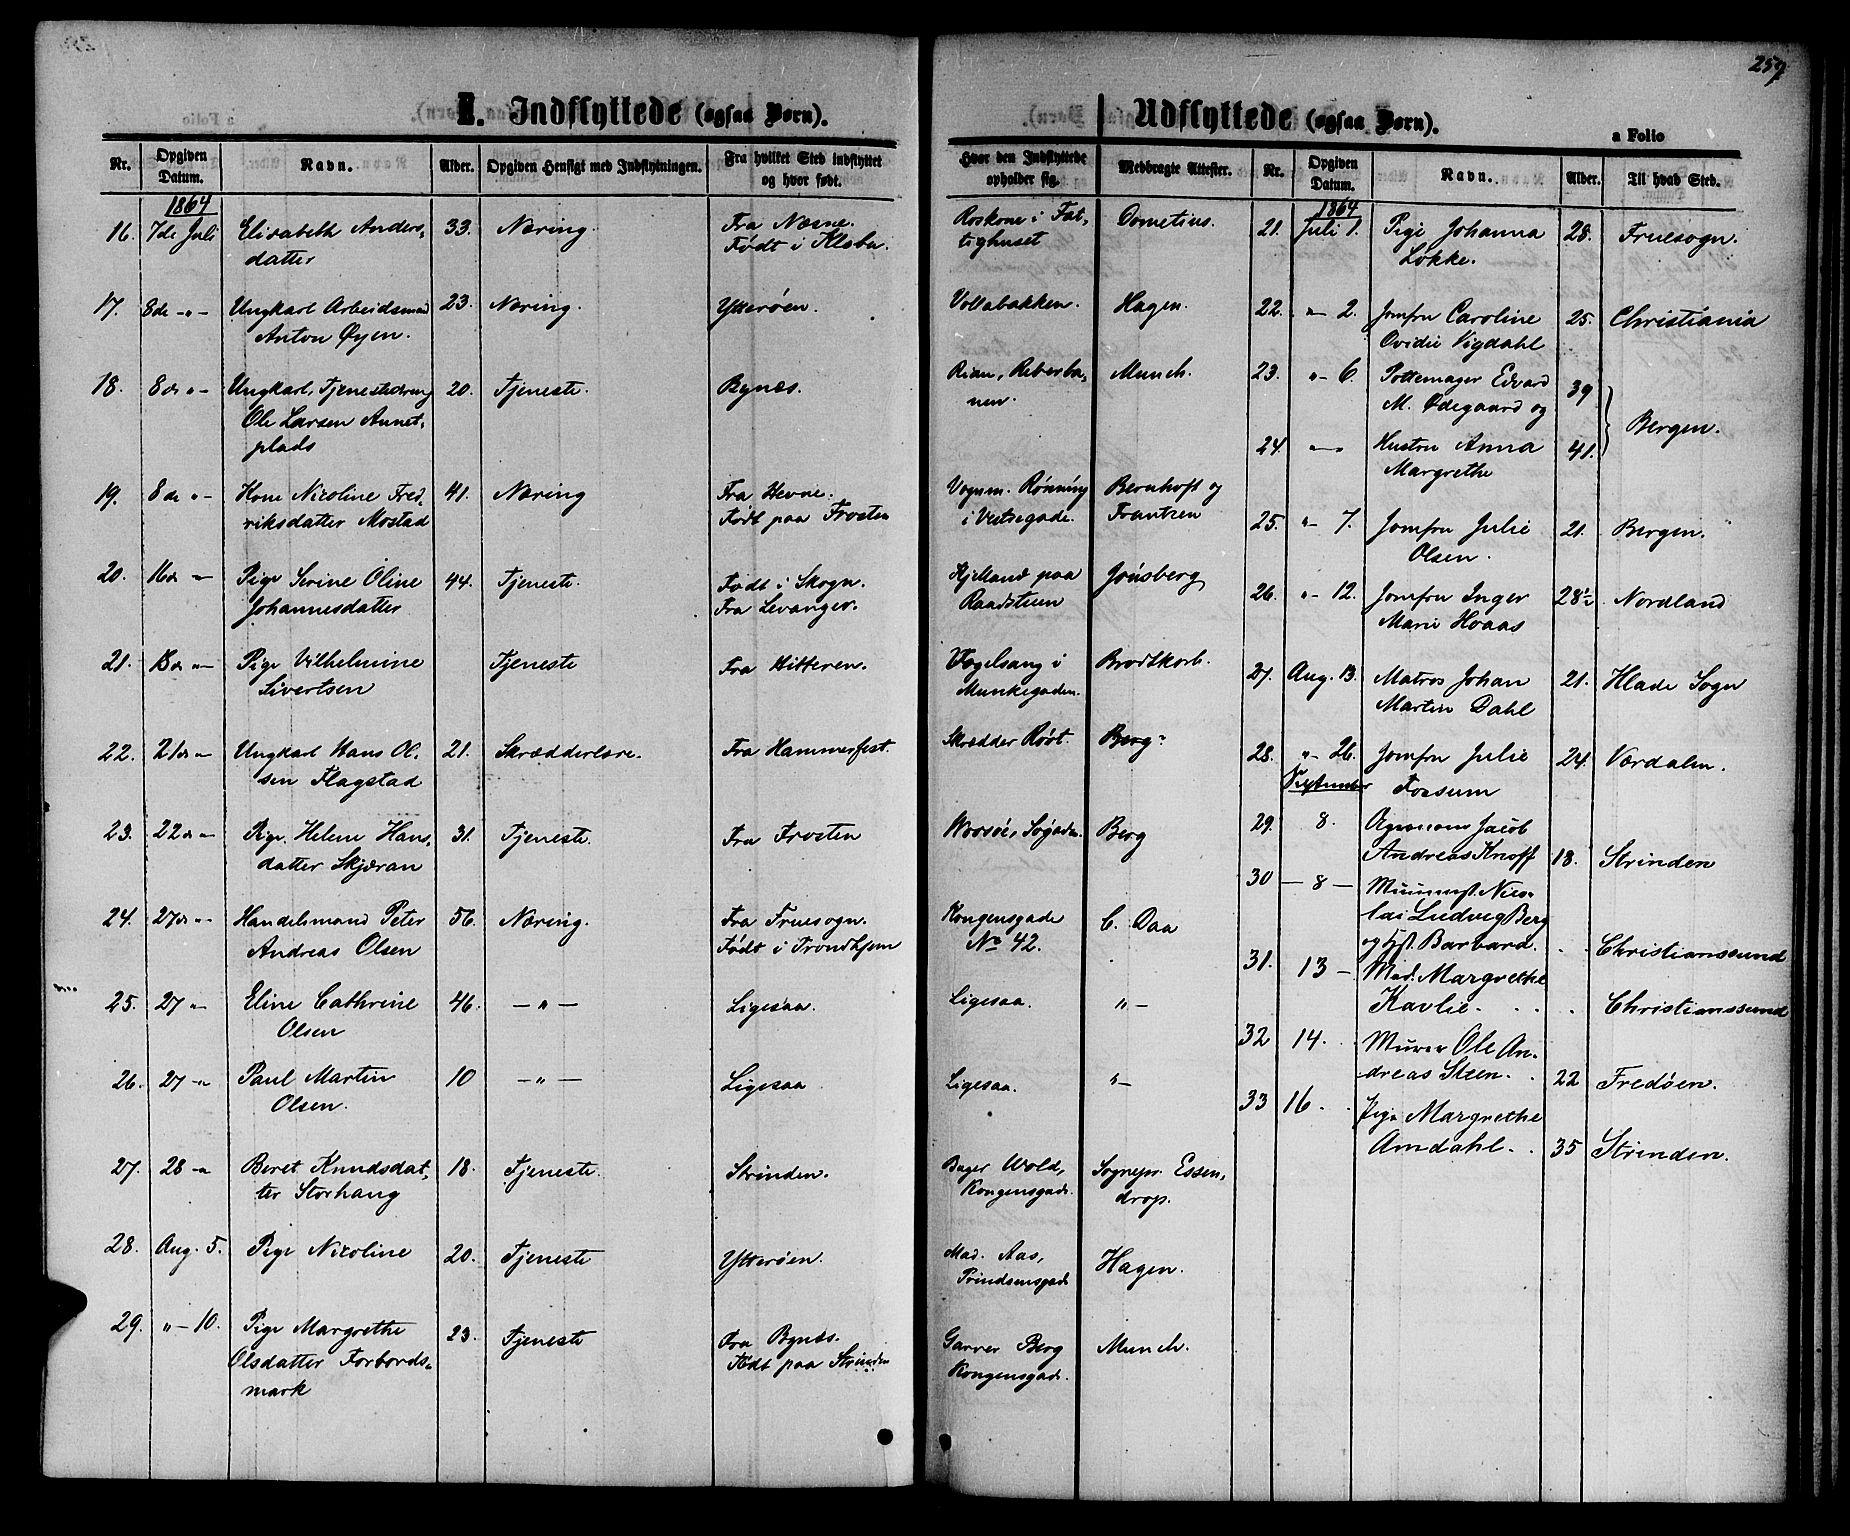 SAT, Ministerialprotokoller, klokkerbøker og fødselsregistre - Sør-Trøndelag, 601/L0087: Klokkerbok nr. 601C05, 1864-1881, s. 259